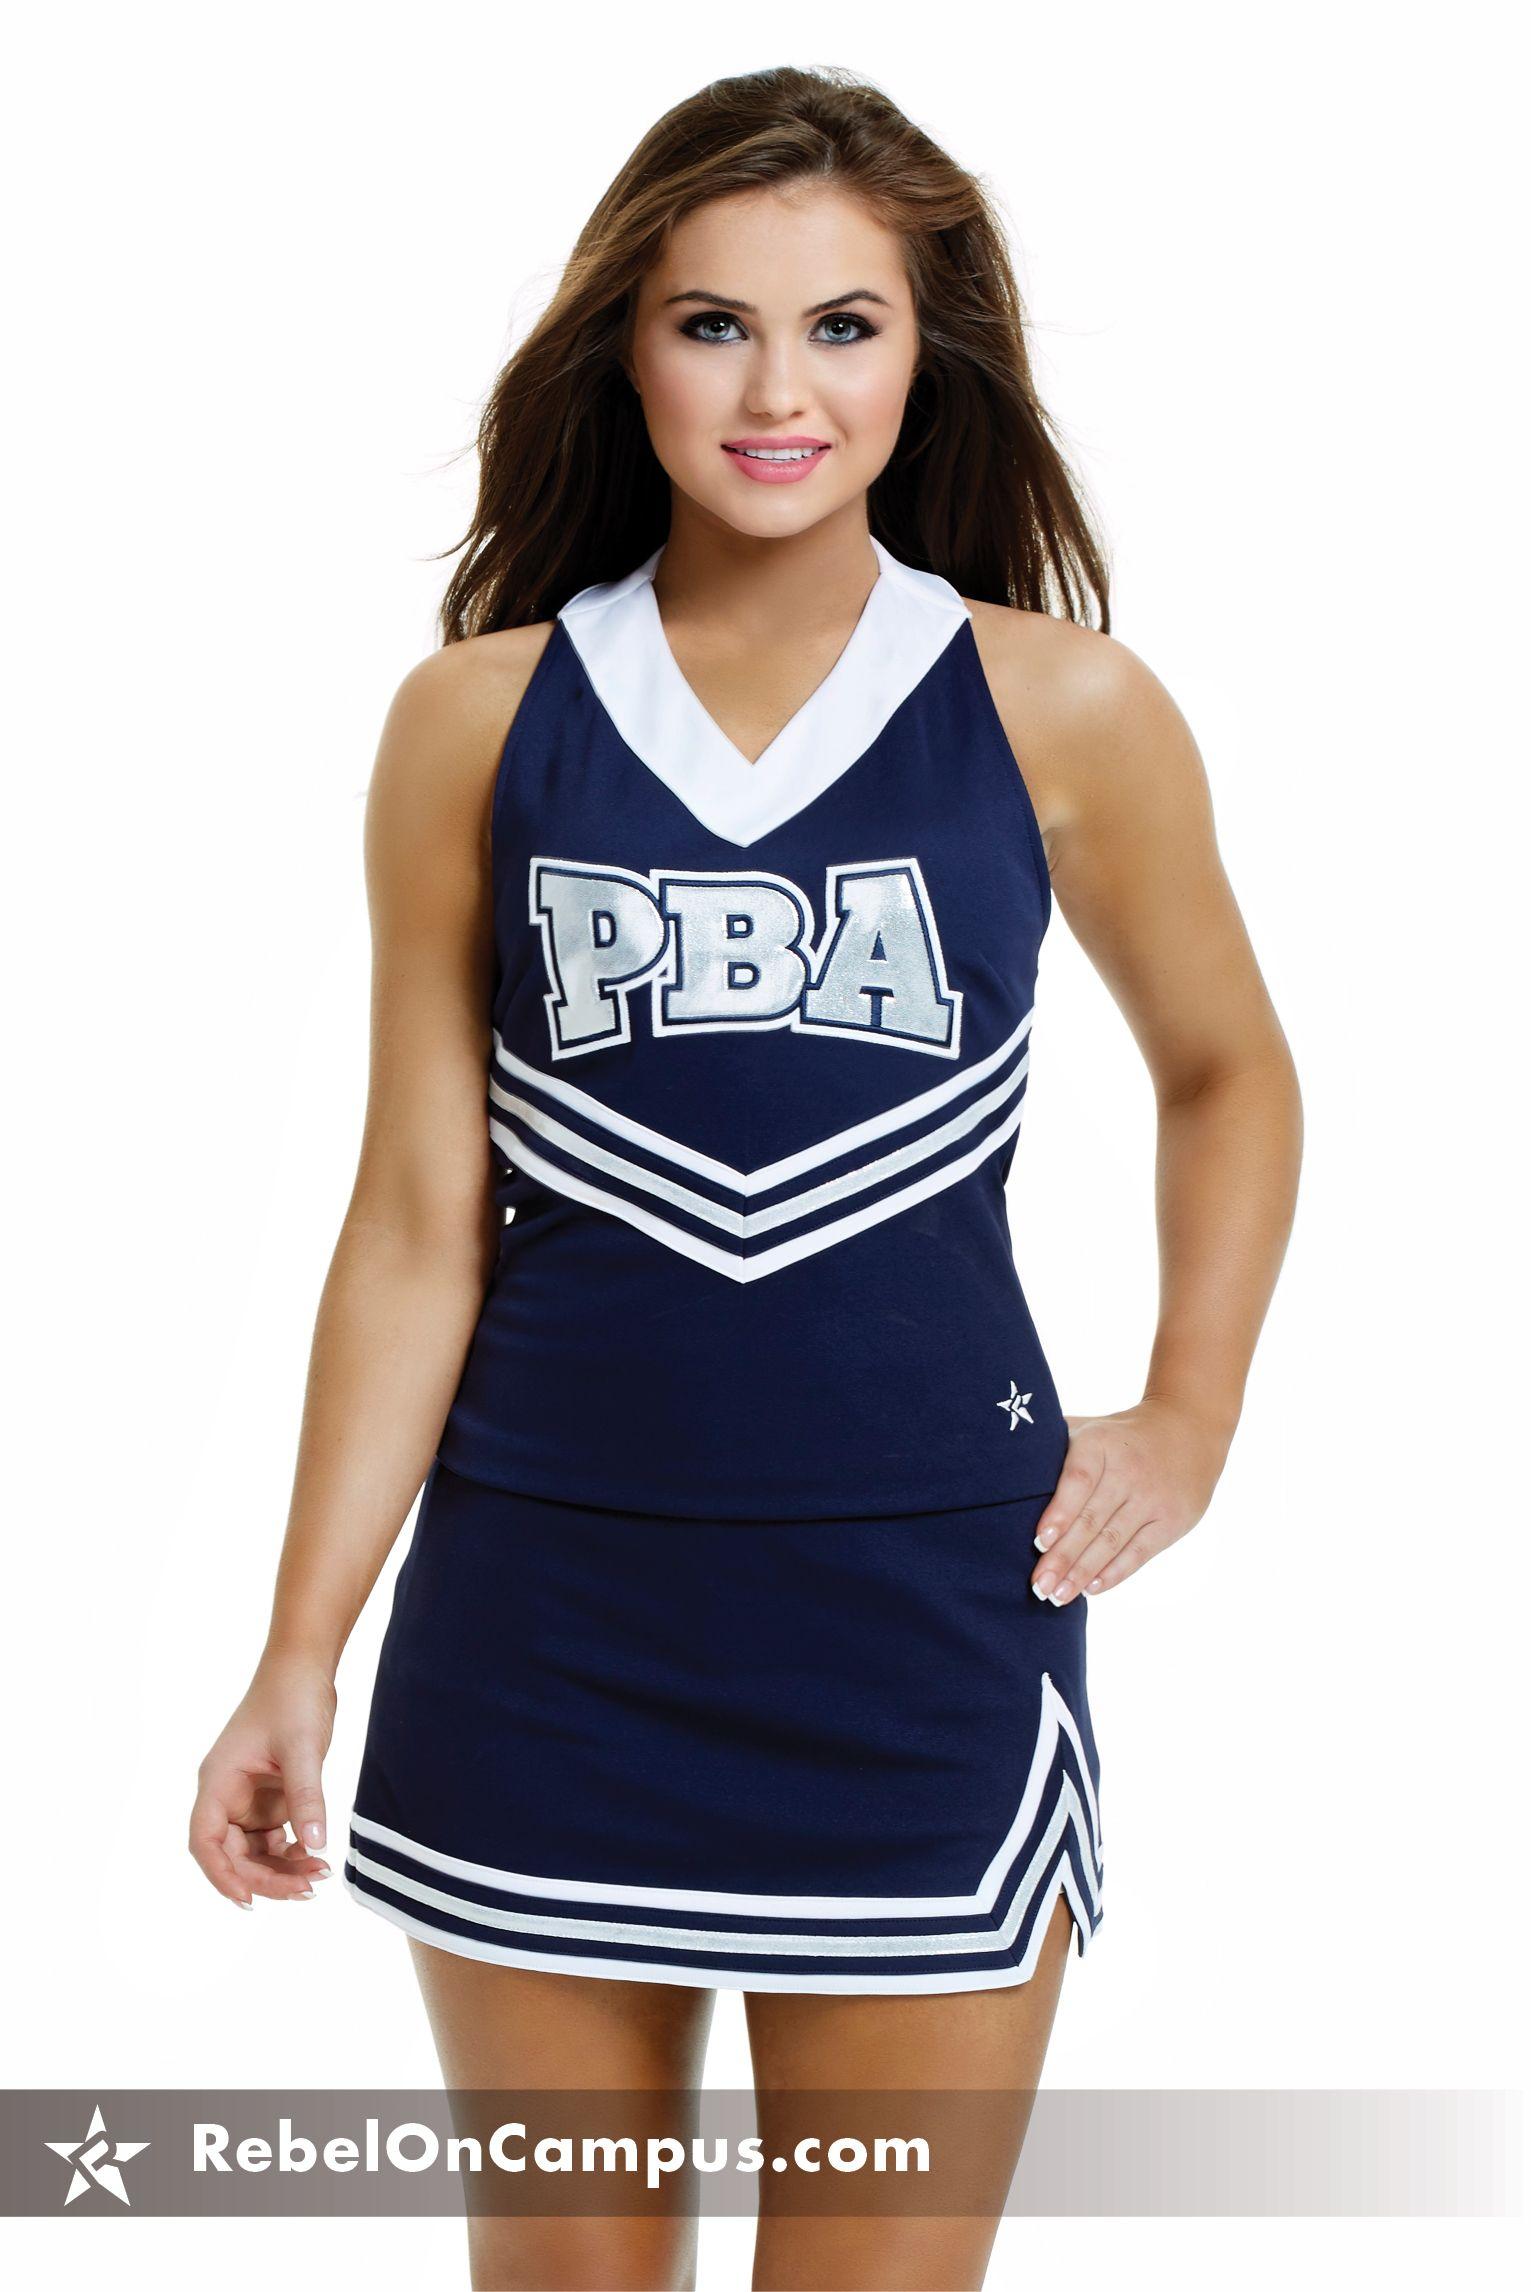 schoolgirl cheerleader flash Halter top traditional high school cheer uniform from Rebel Athletic.